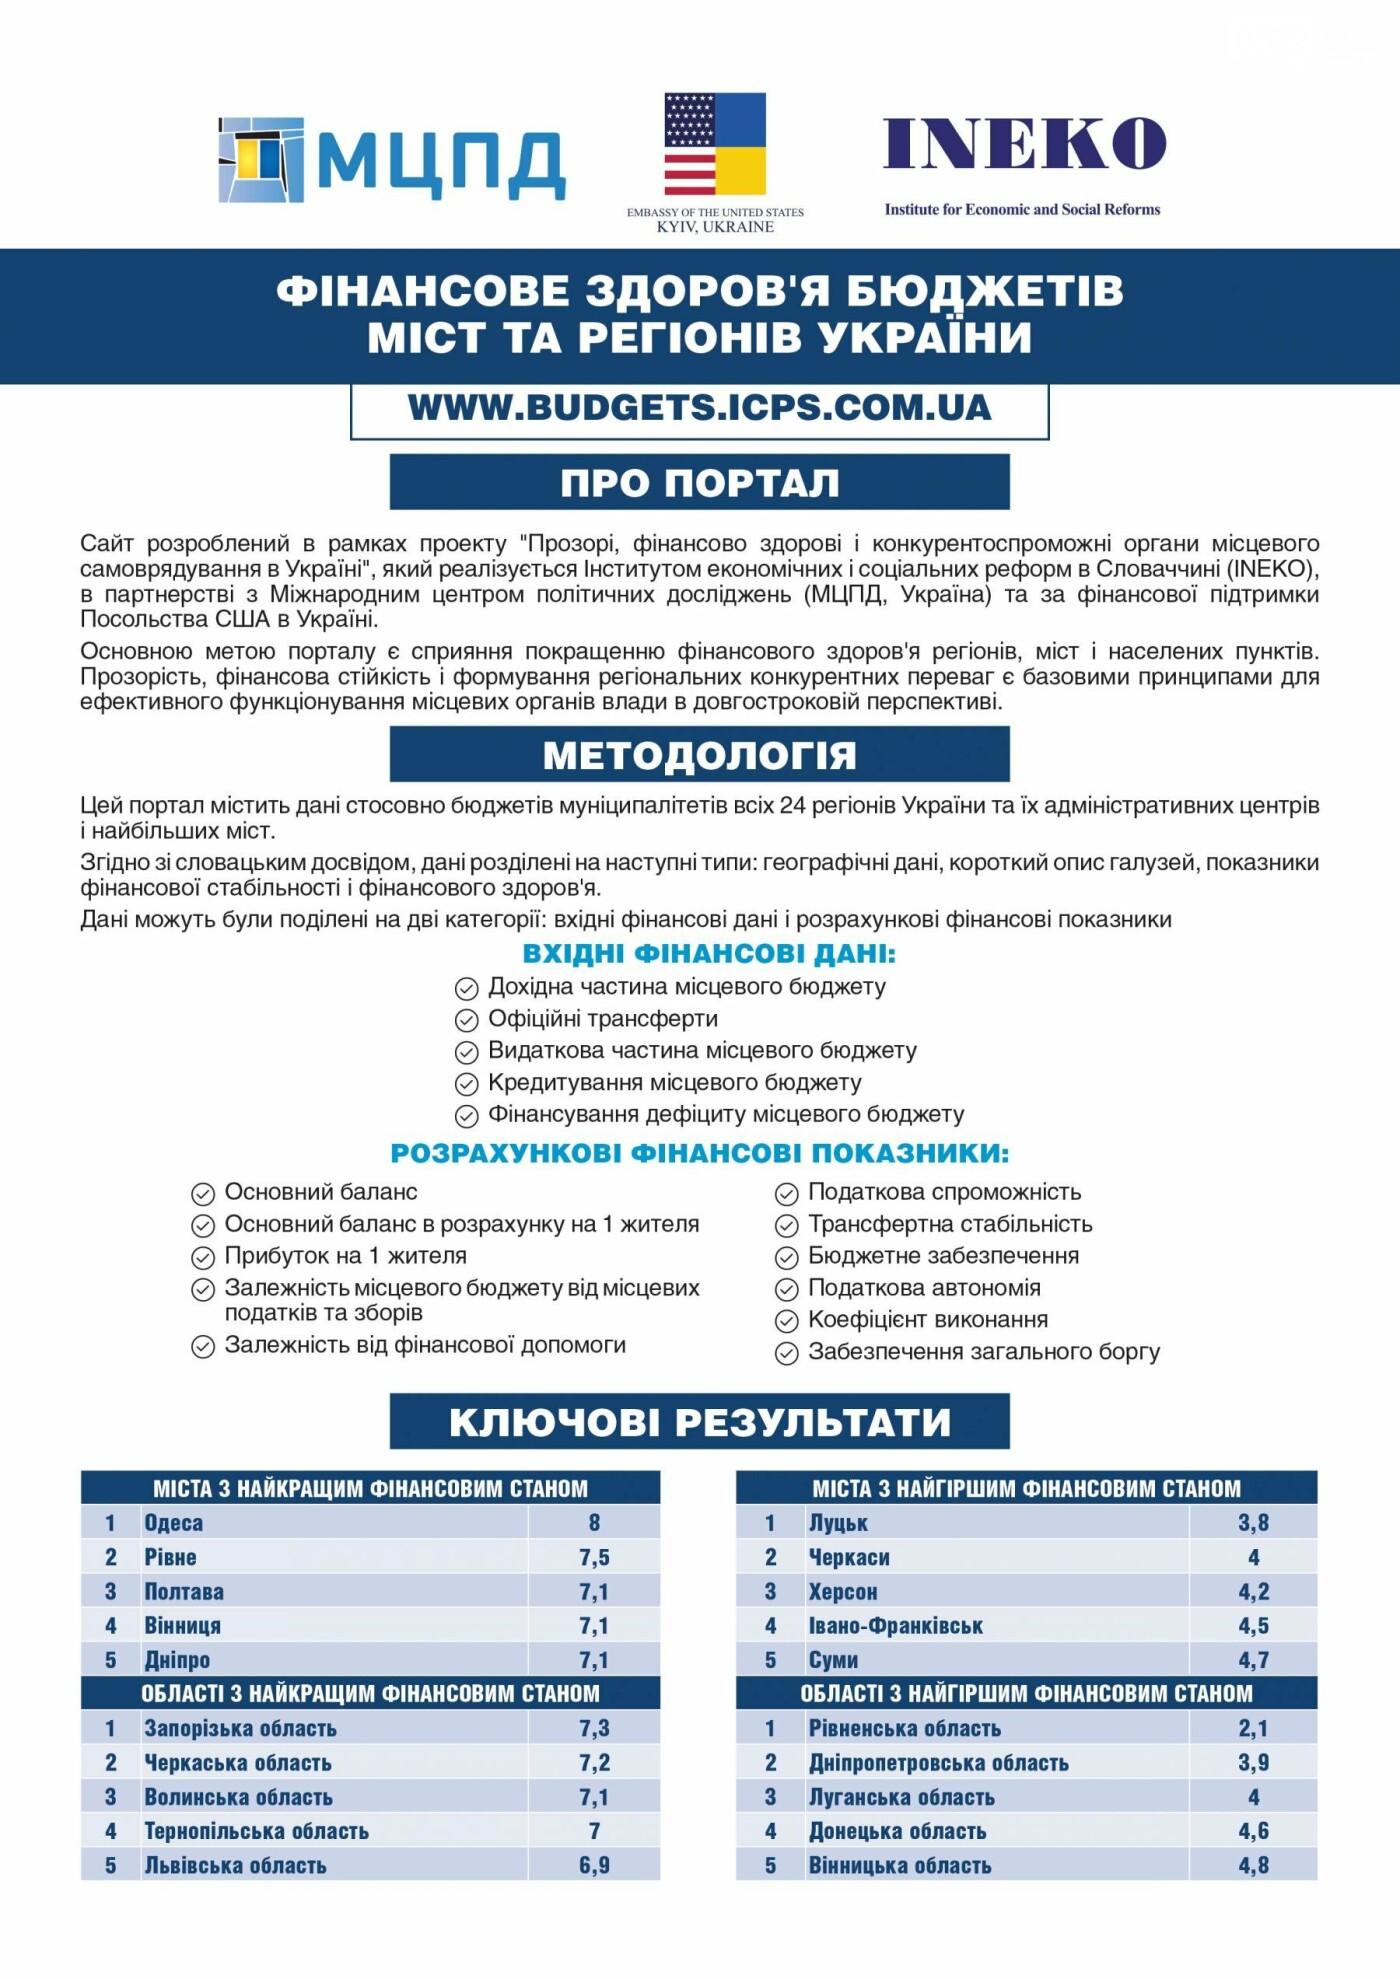 Кропивницький демонструє найкращу динаміку поліпшення фінансового здоров'я бюджетів міст та регіонів України, фото-2